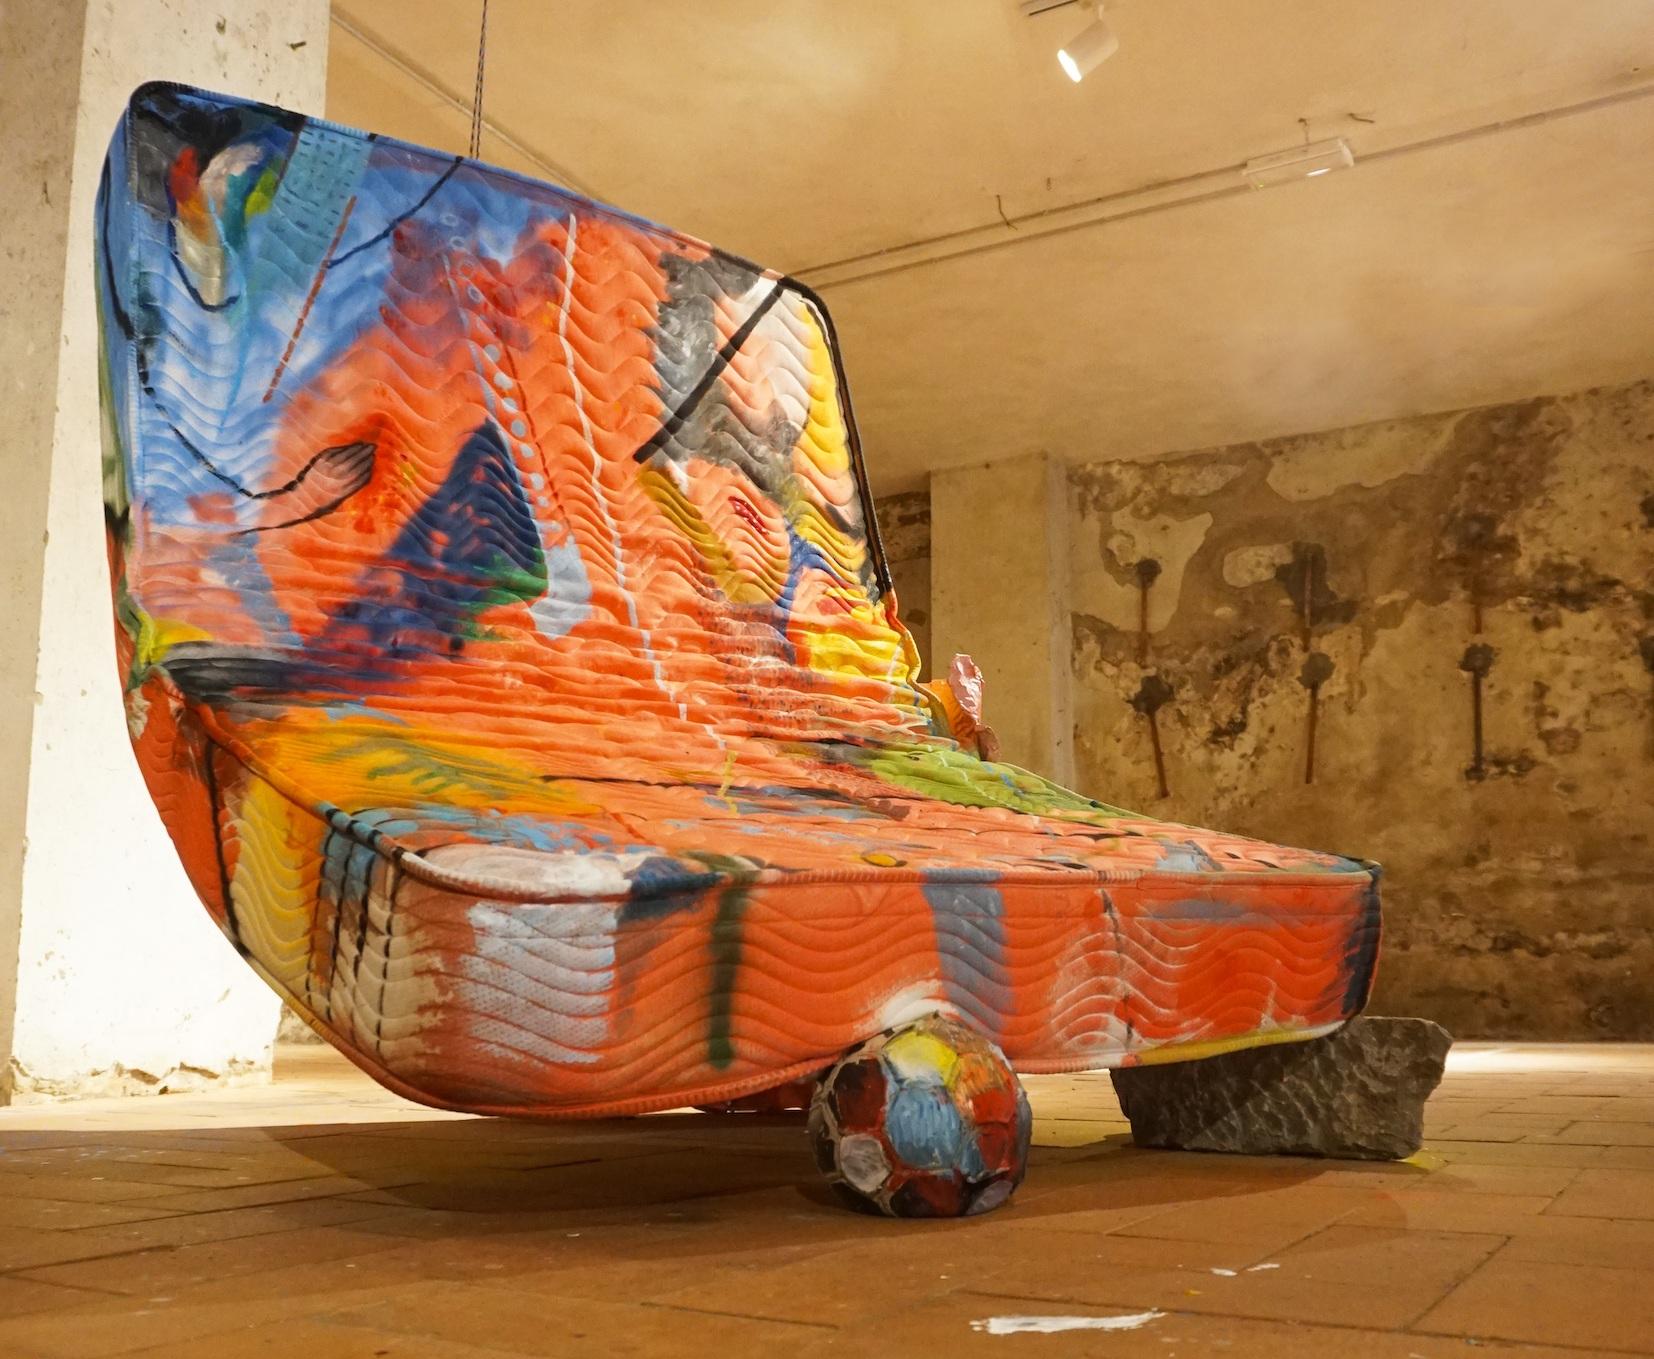 Anna Capolupo, Un motivo costante, residenza artistica FACTO, Montelupo Fiorentino, a cura di Christian Caliandro